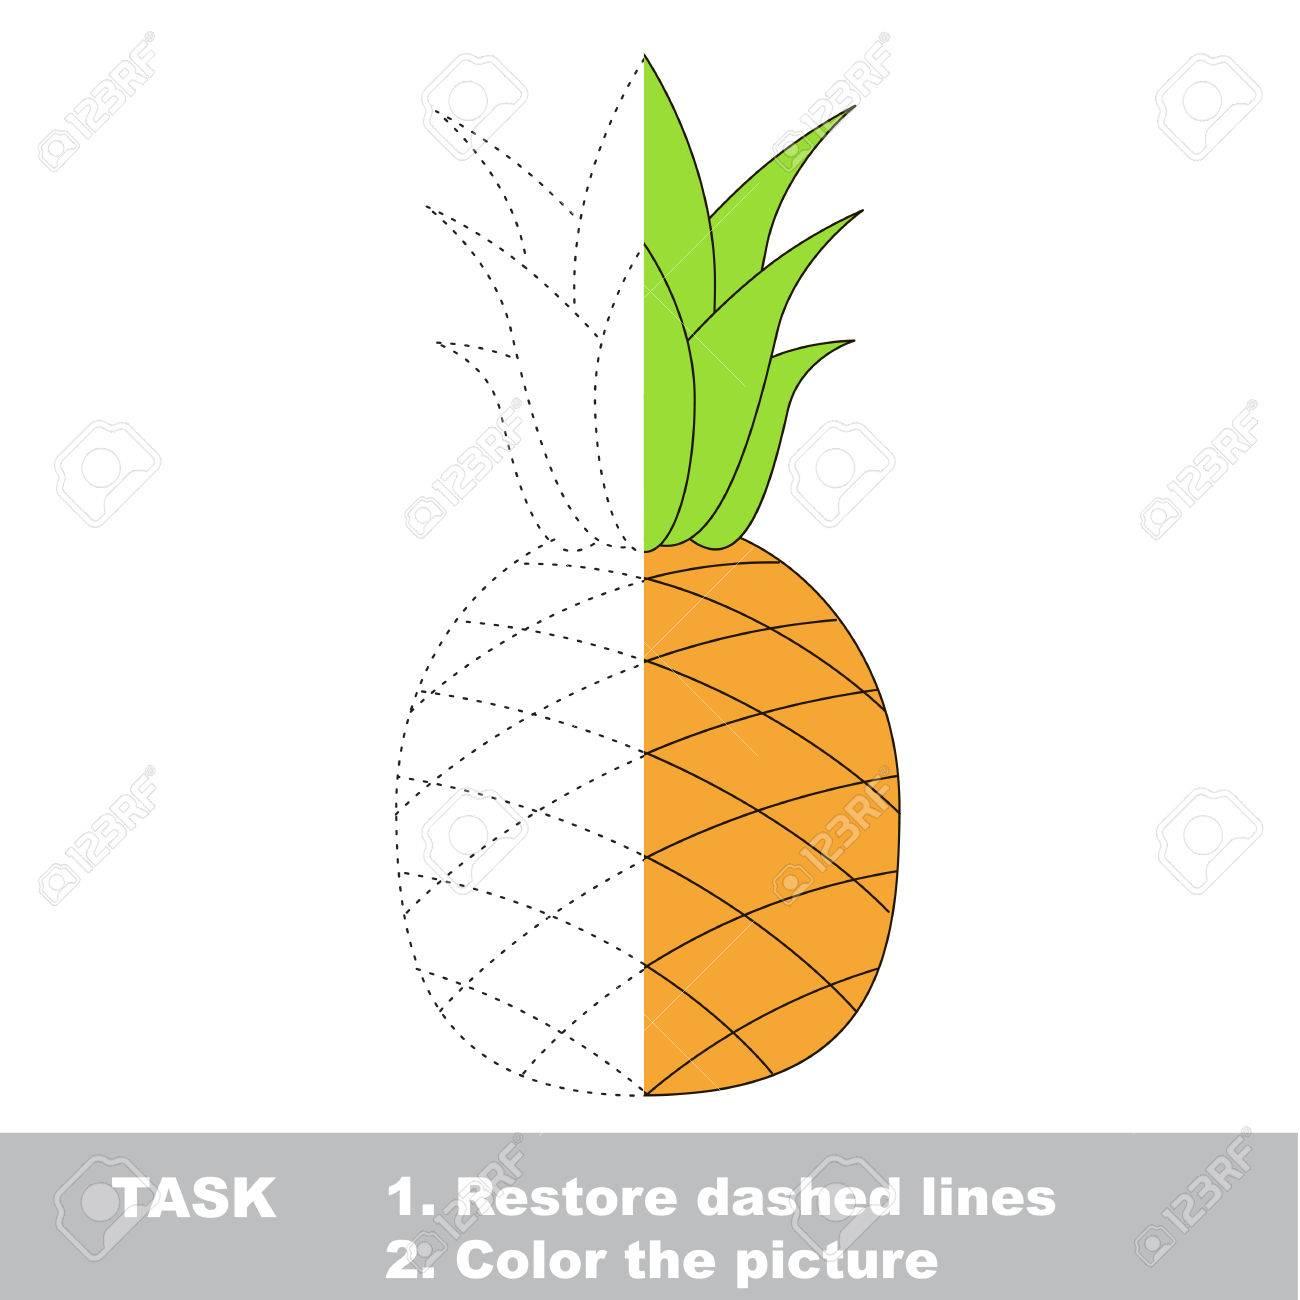 Frucht Zu Färben. Vektor-Trace-Spiel. Lizenzfrei Nutzbare ...